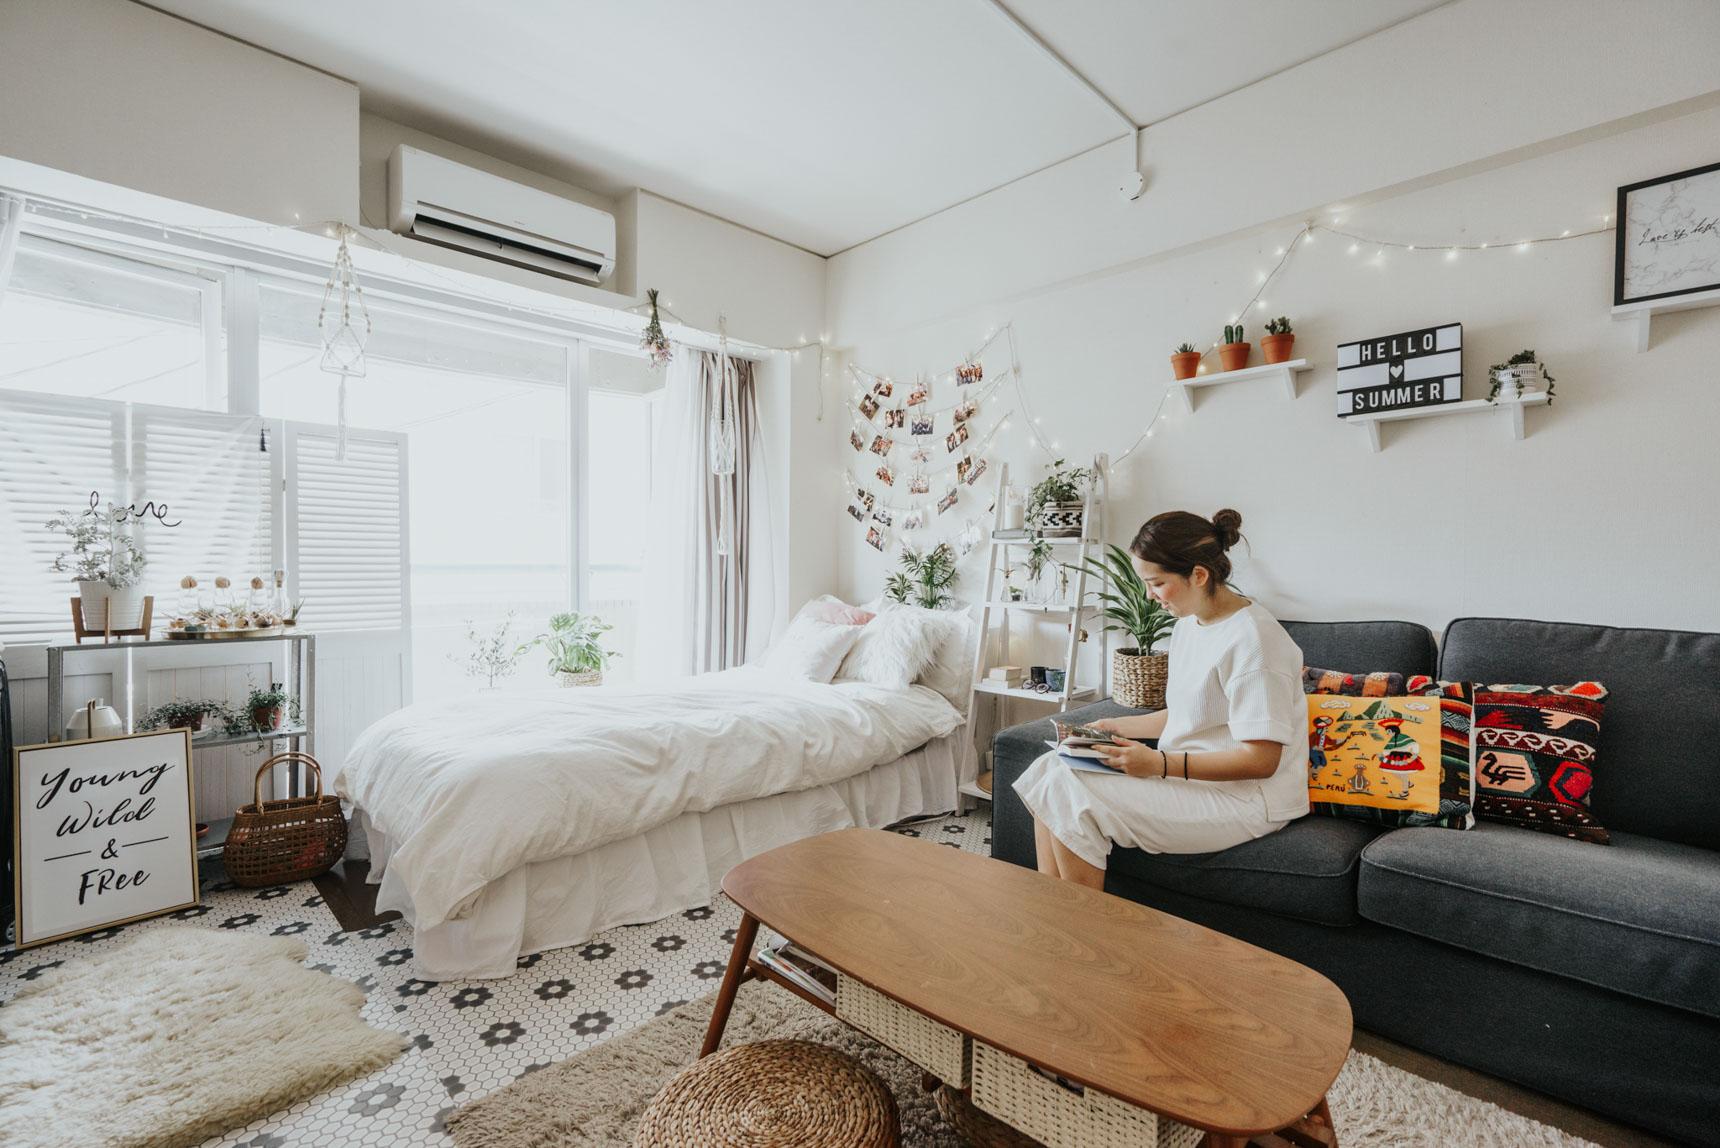 26㎡の1Kのお部屋に暮らす Erin West さんのお部屋は、実は居室内にクローゼットがひとつもありません。